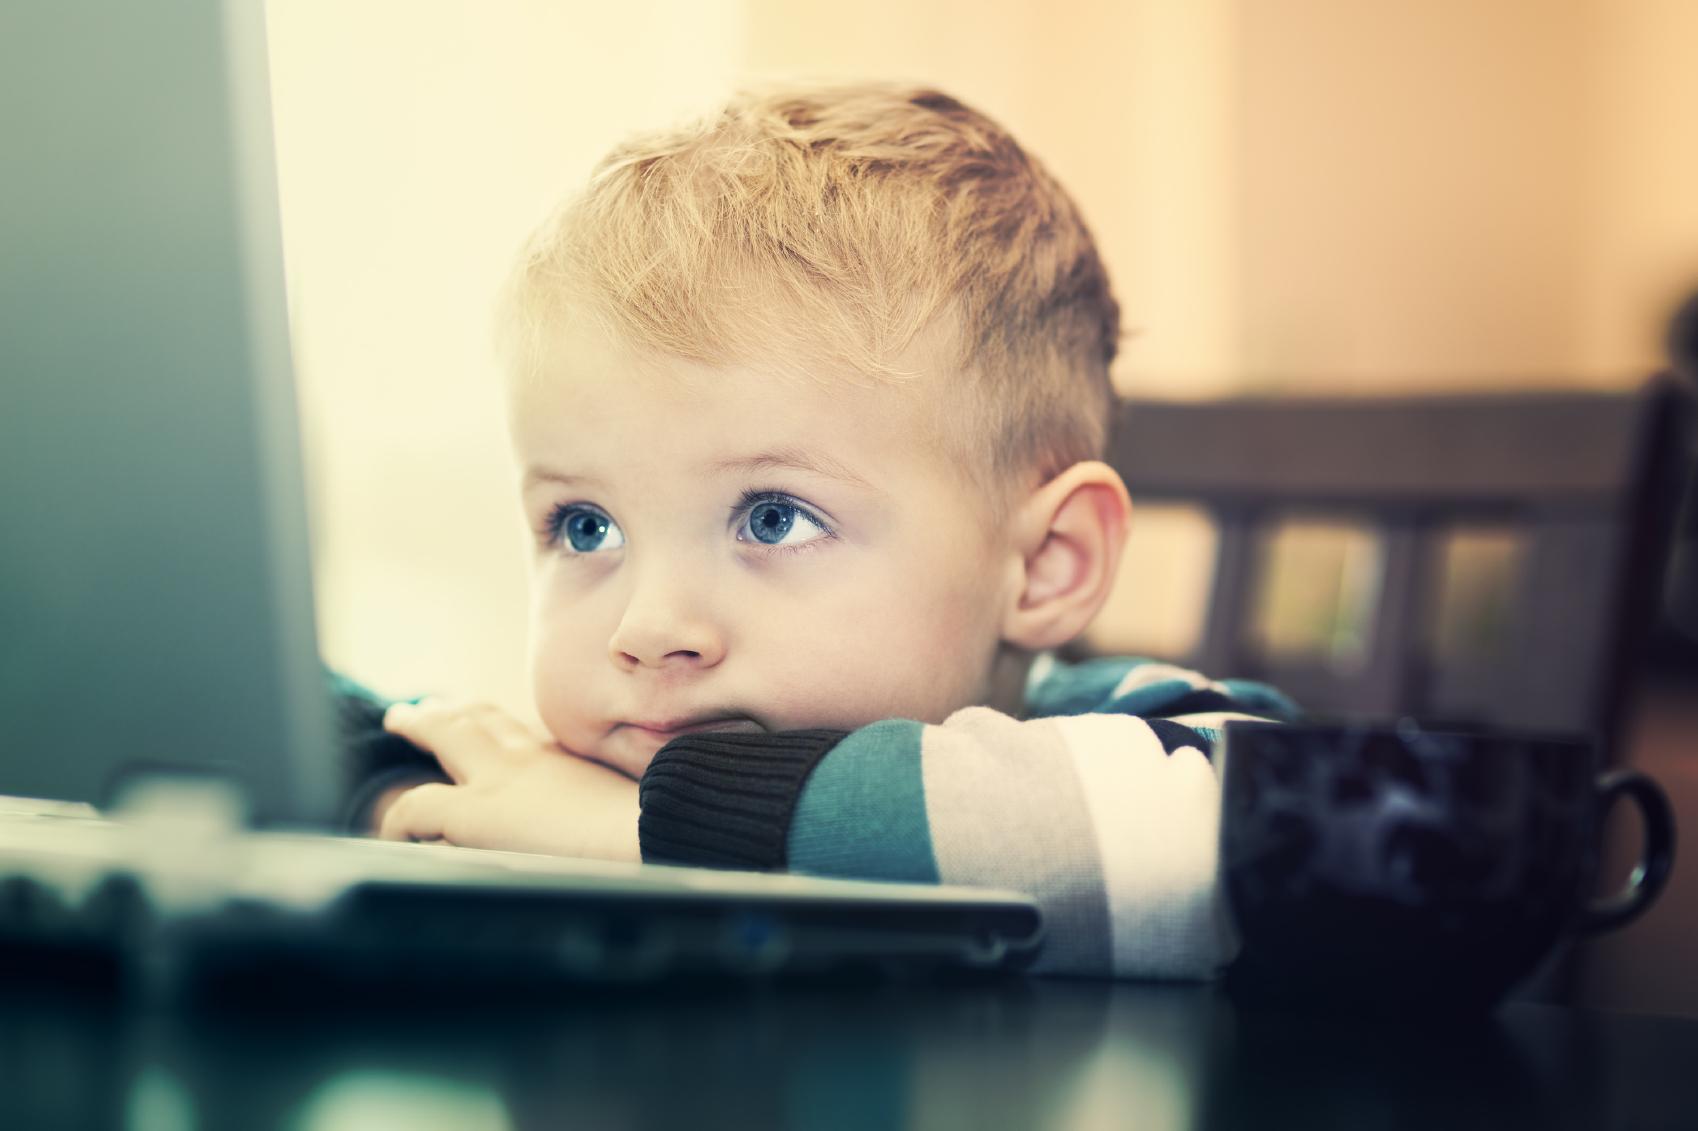 کودکانی که زود بالغ می شوند!/ بلوغ زودرس ارمغان شبکه های اجتماعی برای کودکان و نوجوانان